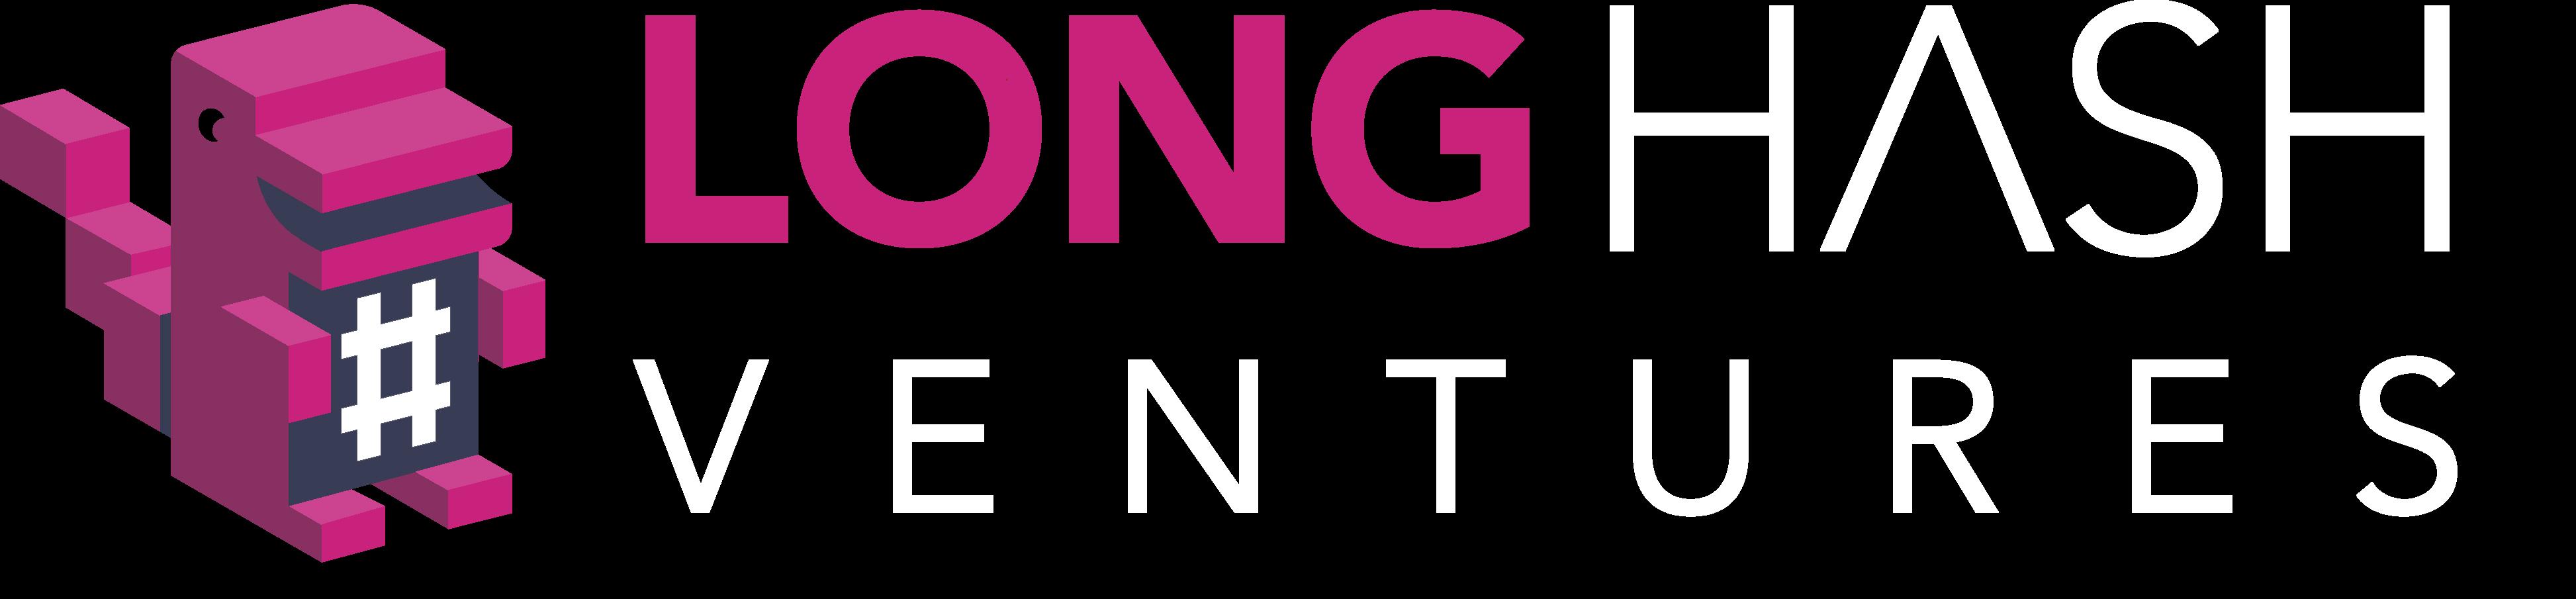 LongHash Ventures